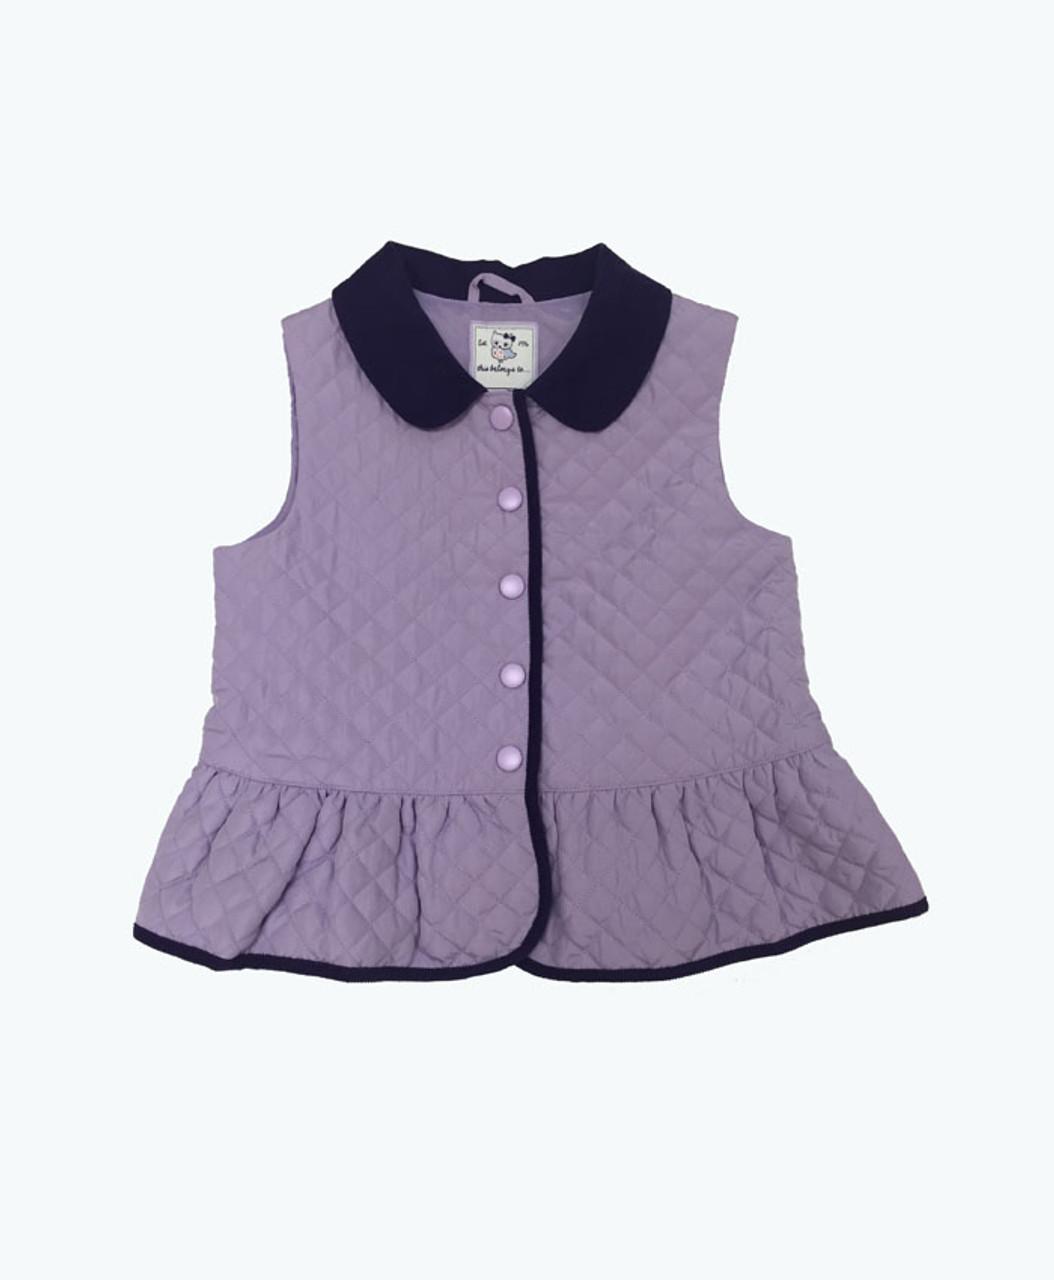 Clothing, Shoes & Accessories Girls Gymboree Vest Sz 2-3t Purple